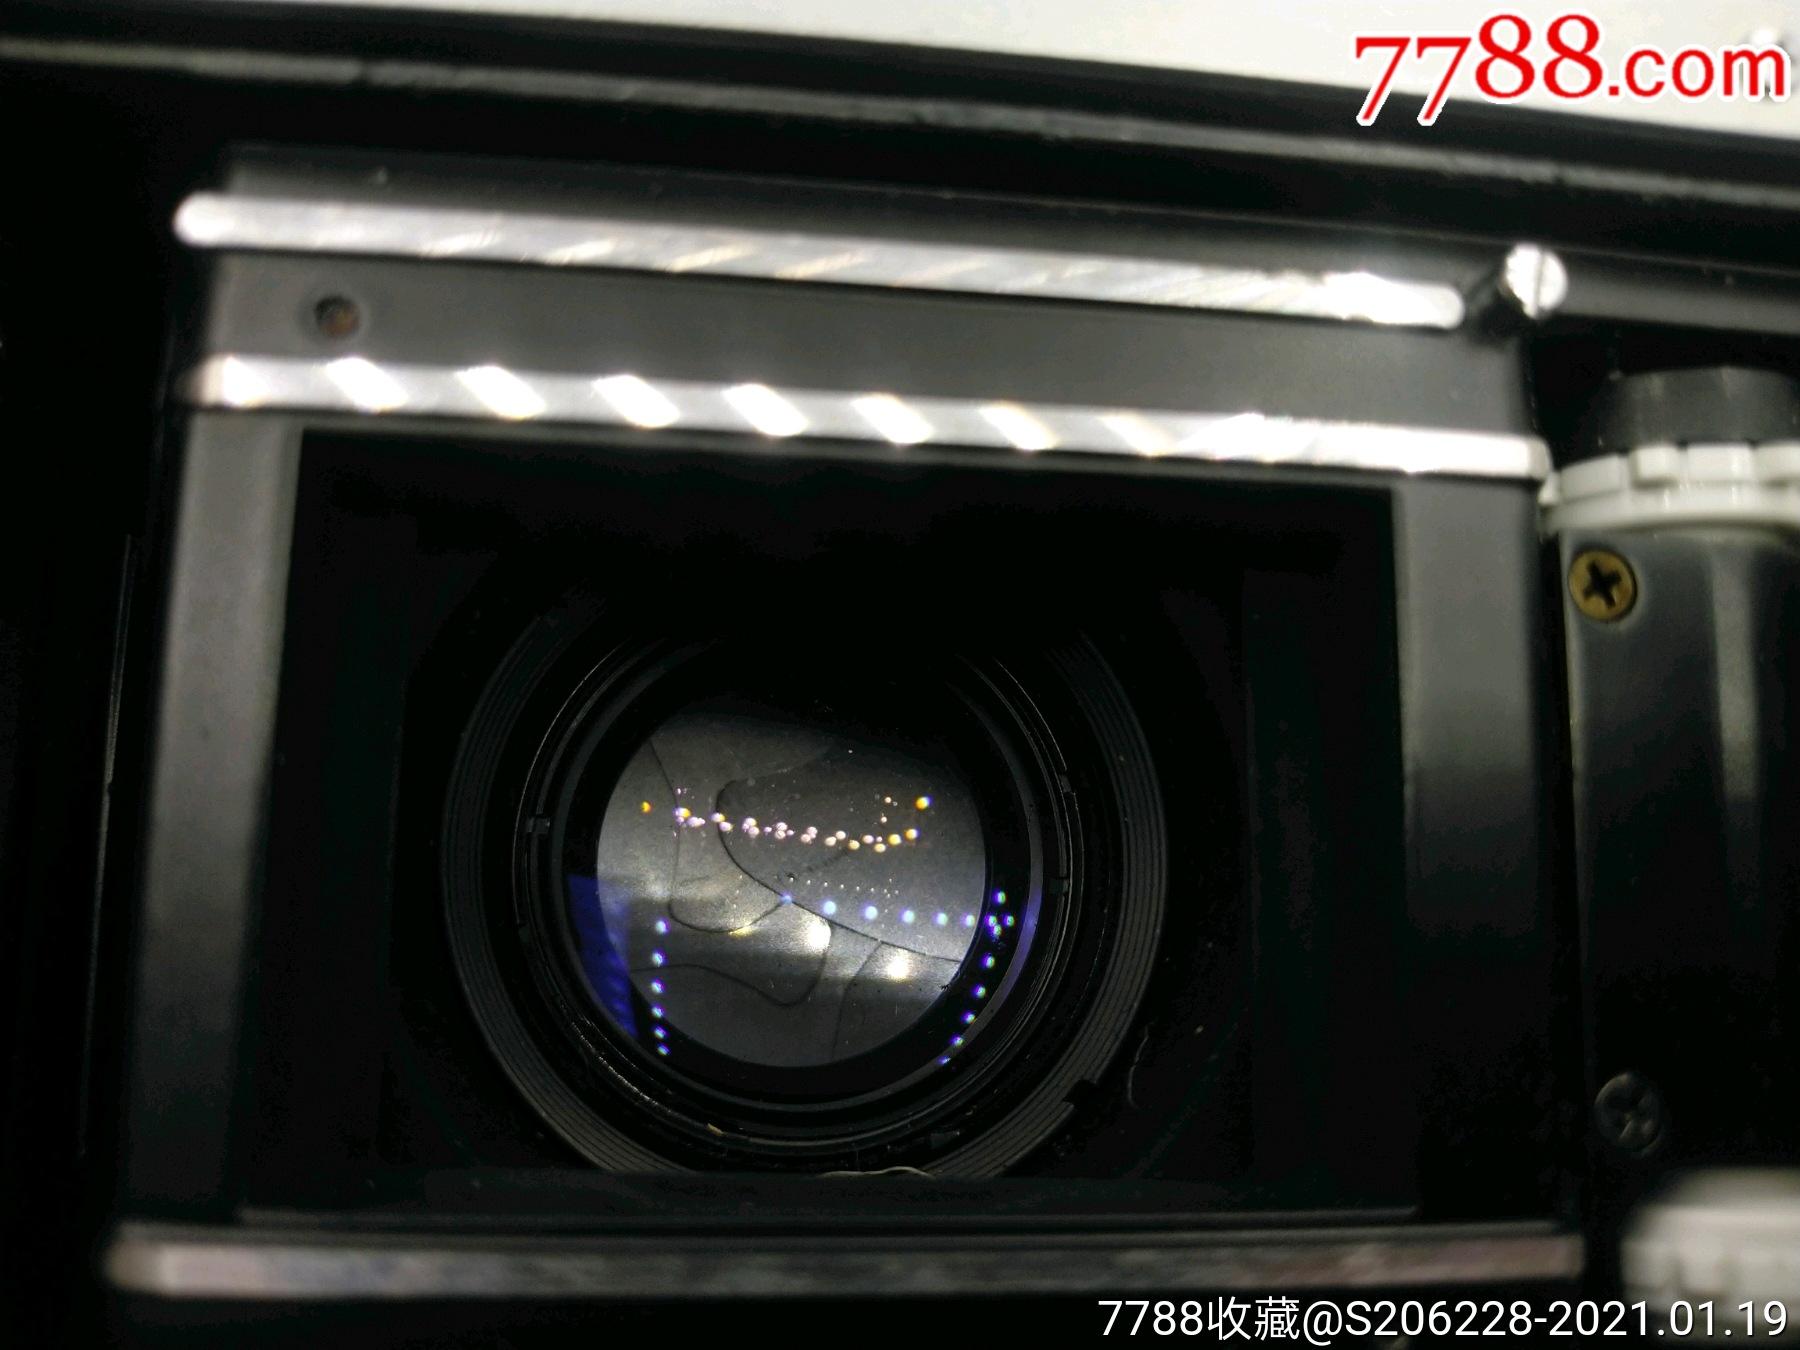 229★Canon_Canonet-QL17旁軸相機/機身編號:643049_價格260元_第21張_